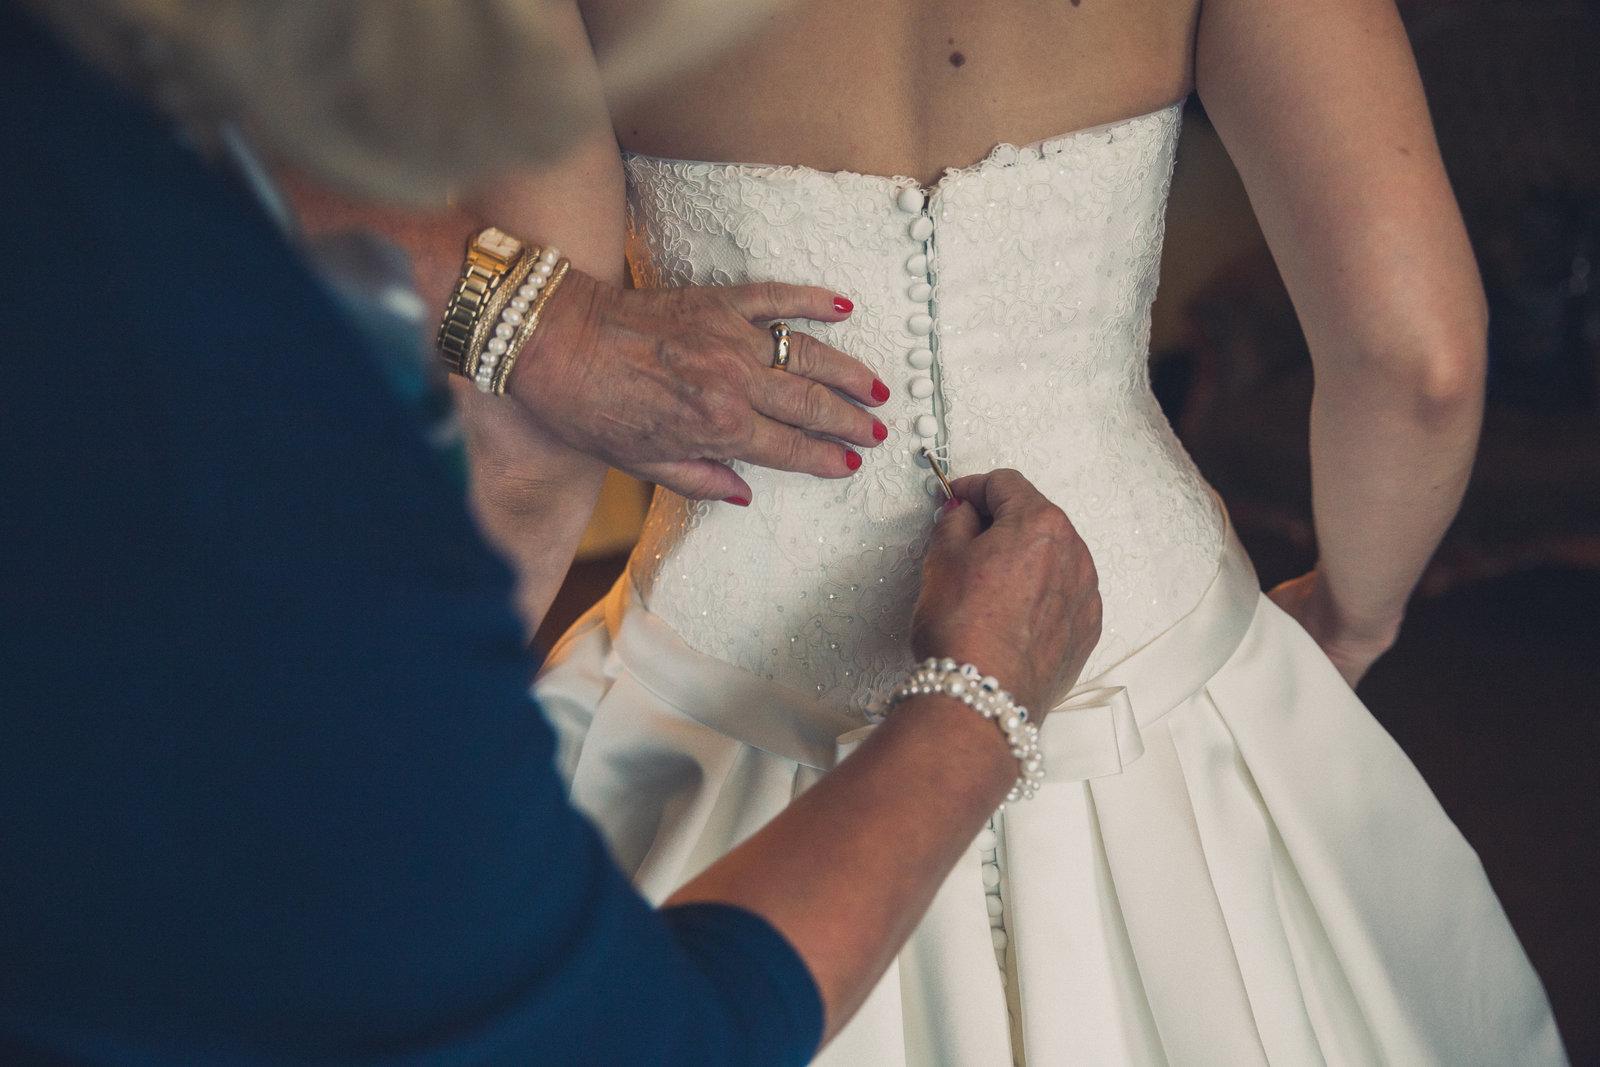 Knoopje, na knoopje! De moeder van de bruid maakt de trouwjurk van haar dochter dicht met een haaknaald. Copyright Nanda Zee-Fritse | FOTOZEE